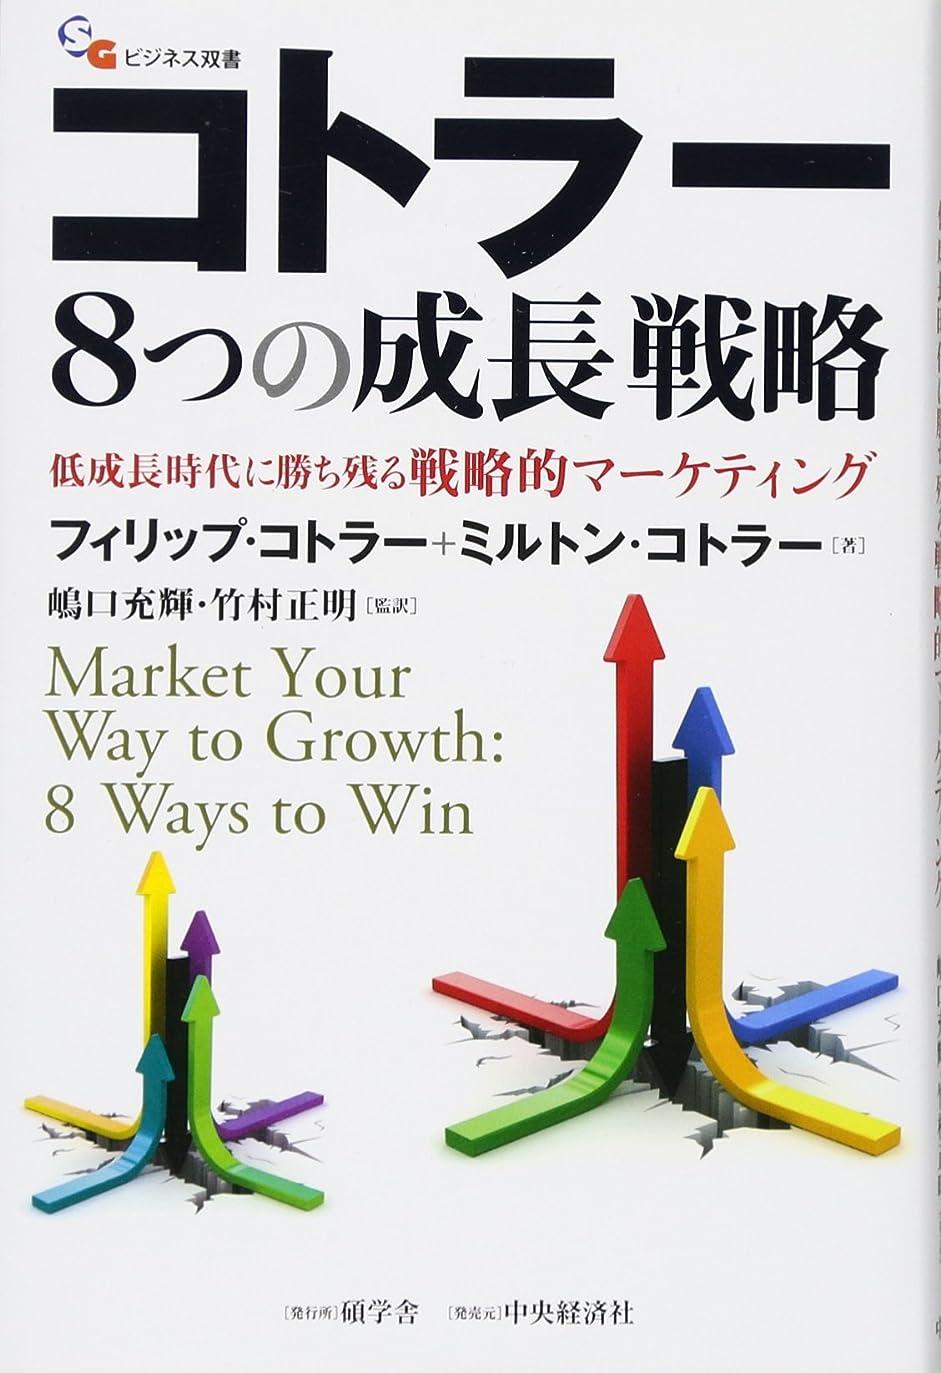 誠実さネックレット構造コトラー8つの成長戦略 低成長時代に勝ち残る戦略的マーケティング (碩学舎ビジネス双書)